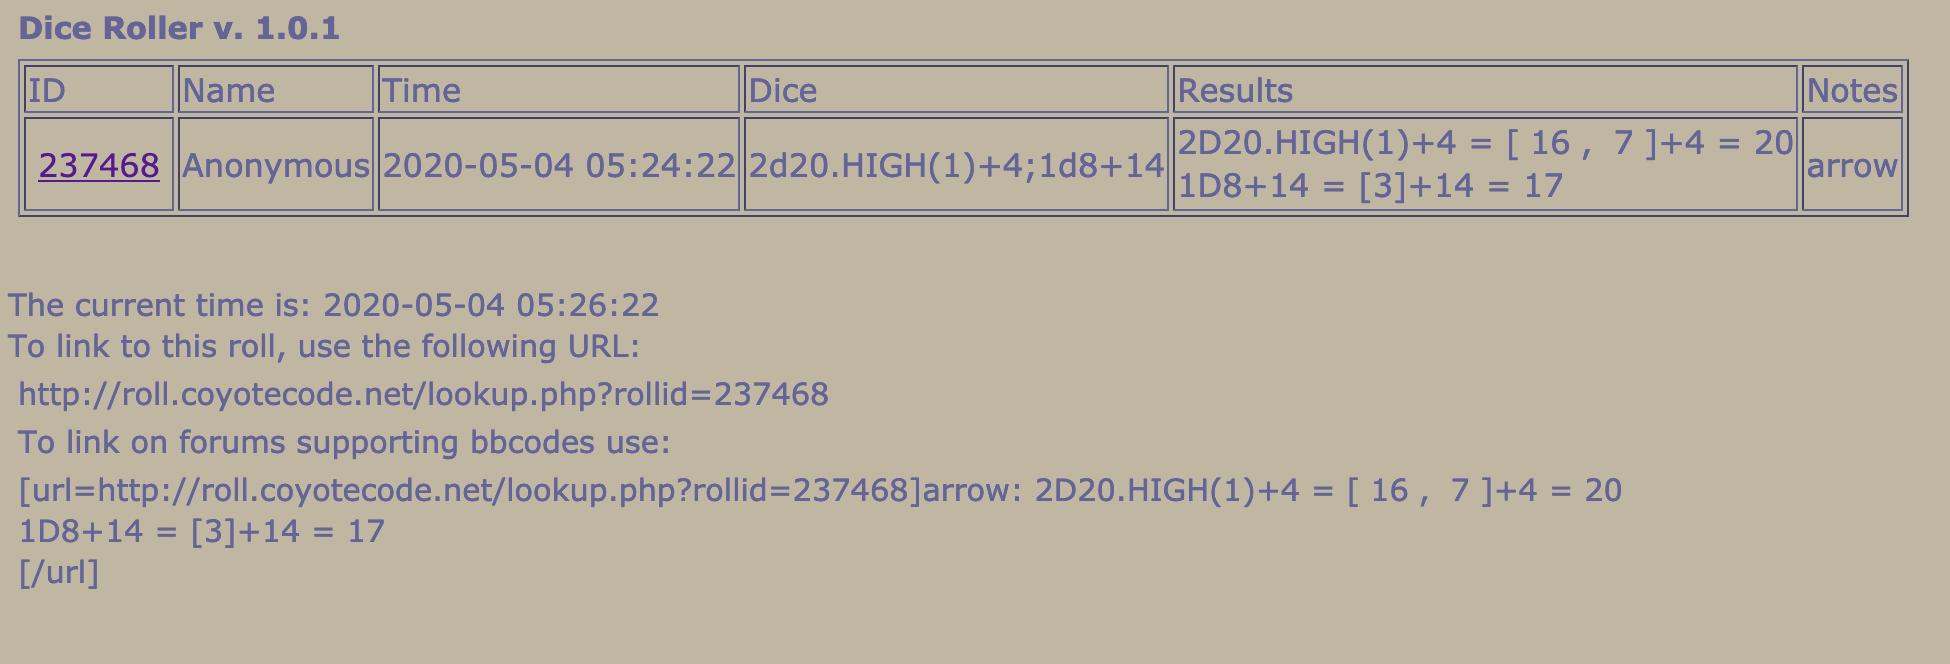 Screen Shot 2020-05-03 at 10.26.34 PM.png